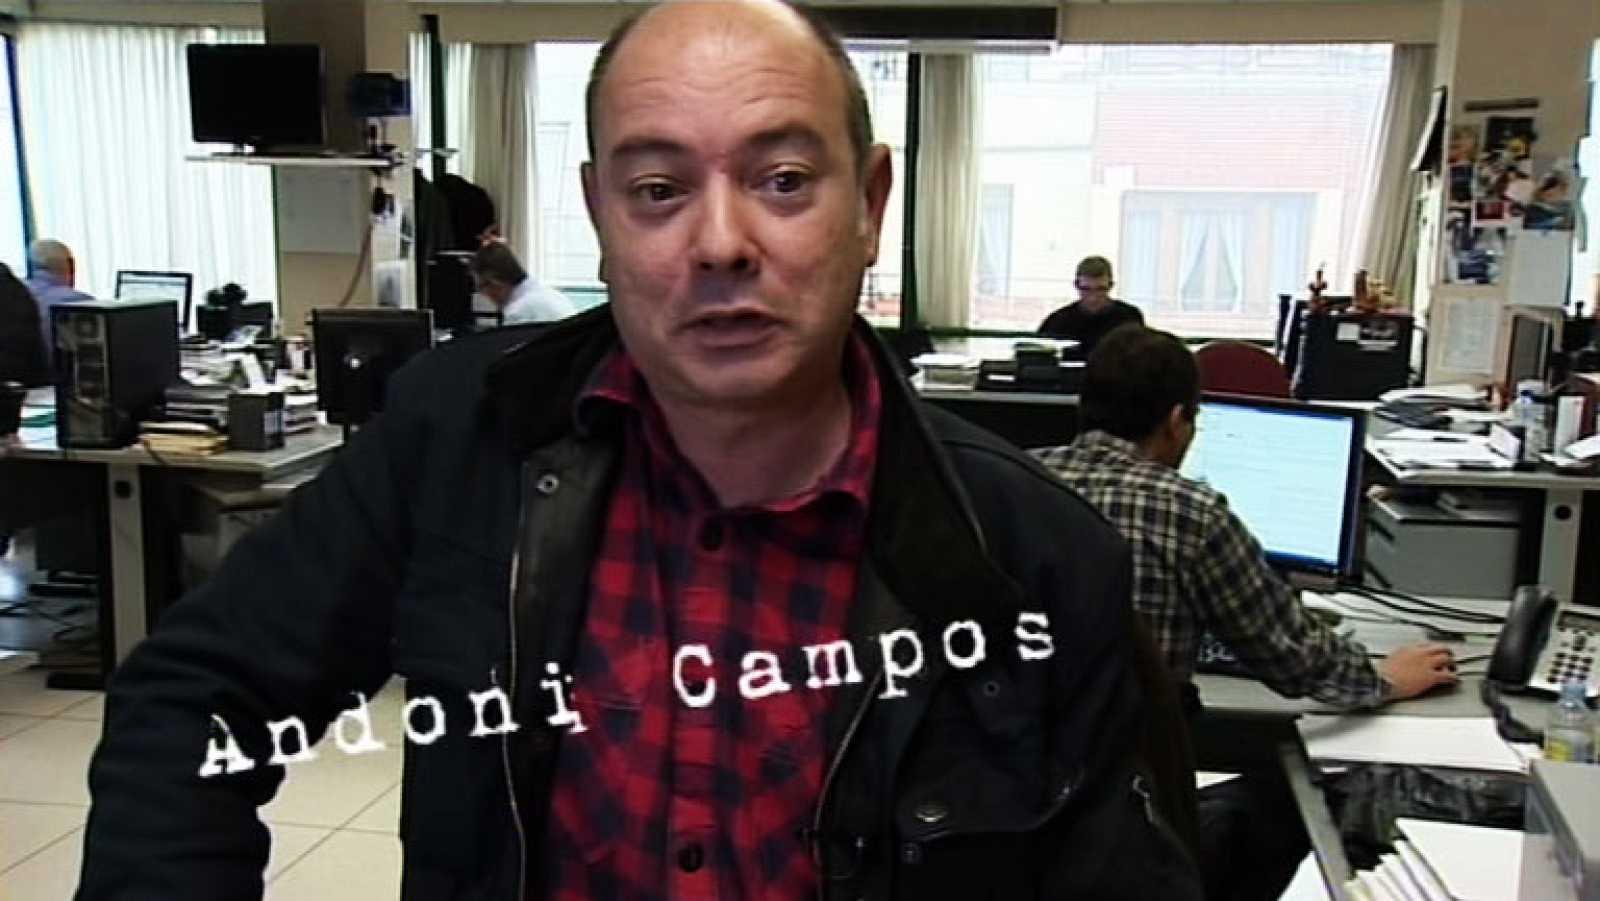 El ojo en la noticia - Mikel Arregui visto por Andoni Campos - Ver ahora